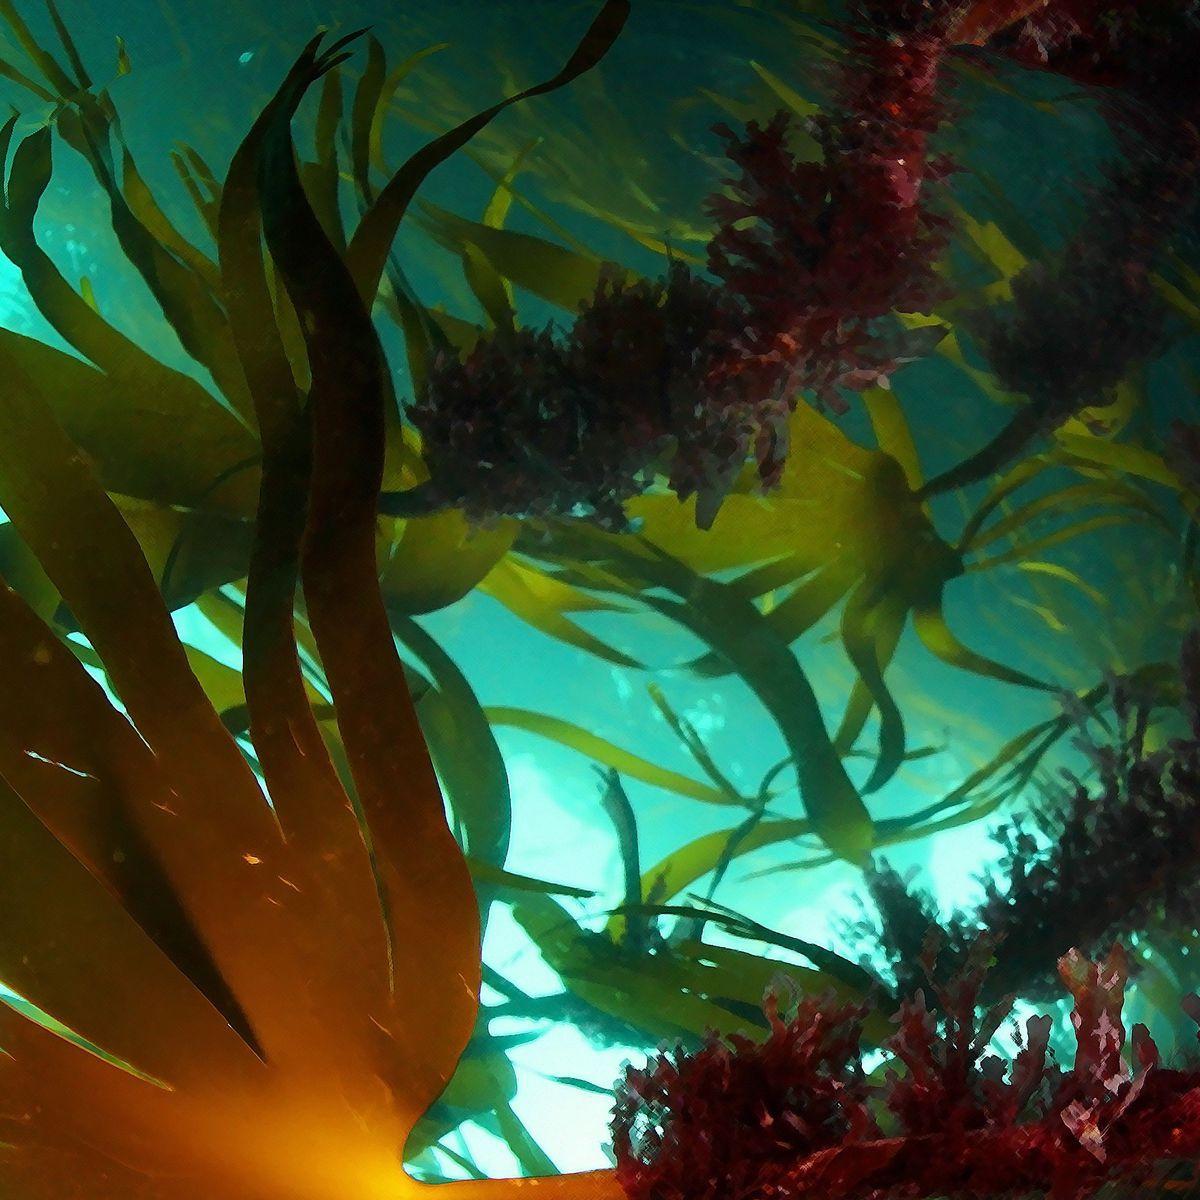 Abondantes dans les milieux aquatiques (mers et eaux douces), elles peuvent vivre dans des conditions écologiques très diverses: sols humides, neige, etc. Mais pour la majorité, elles se trouvent en milieu marin.